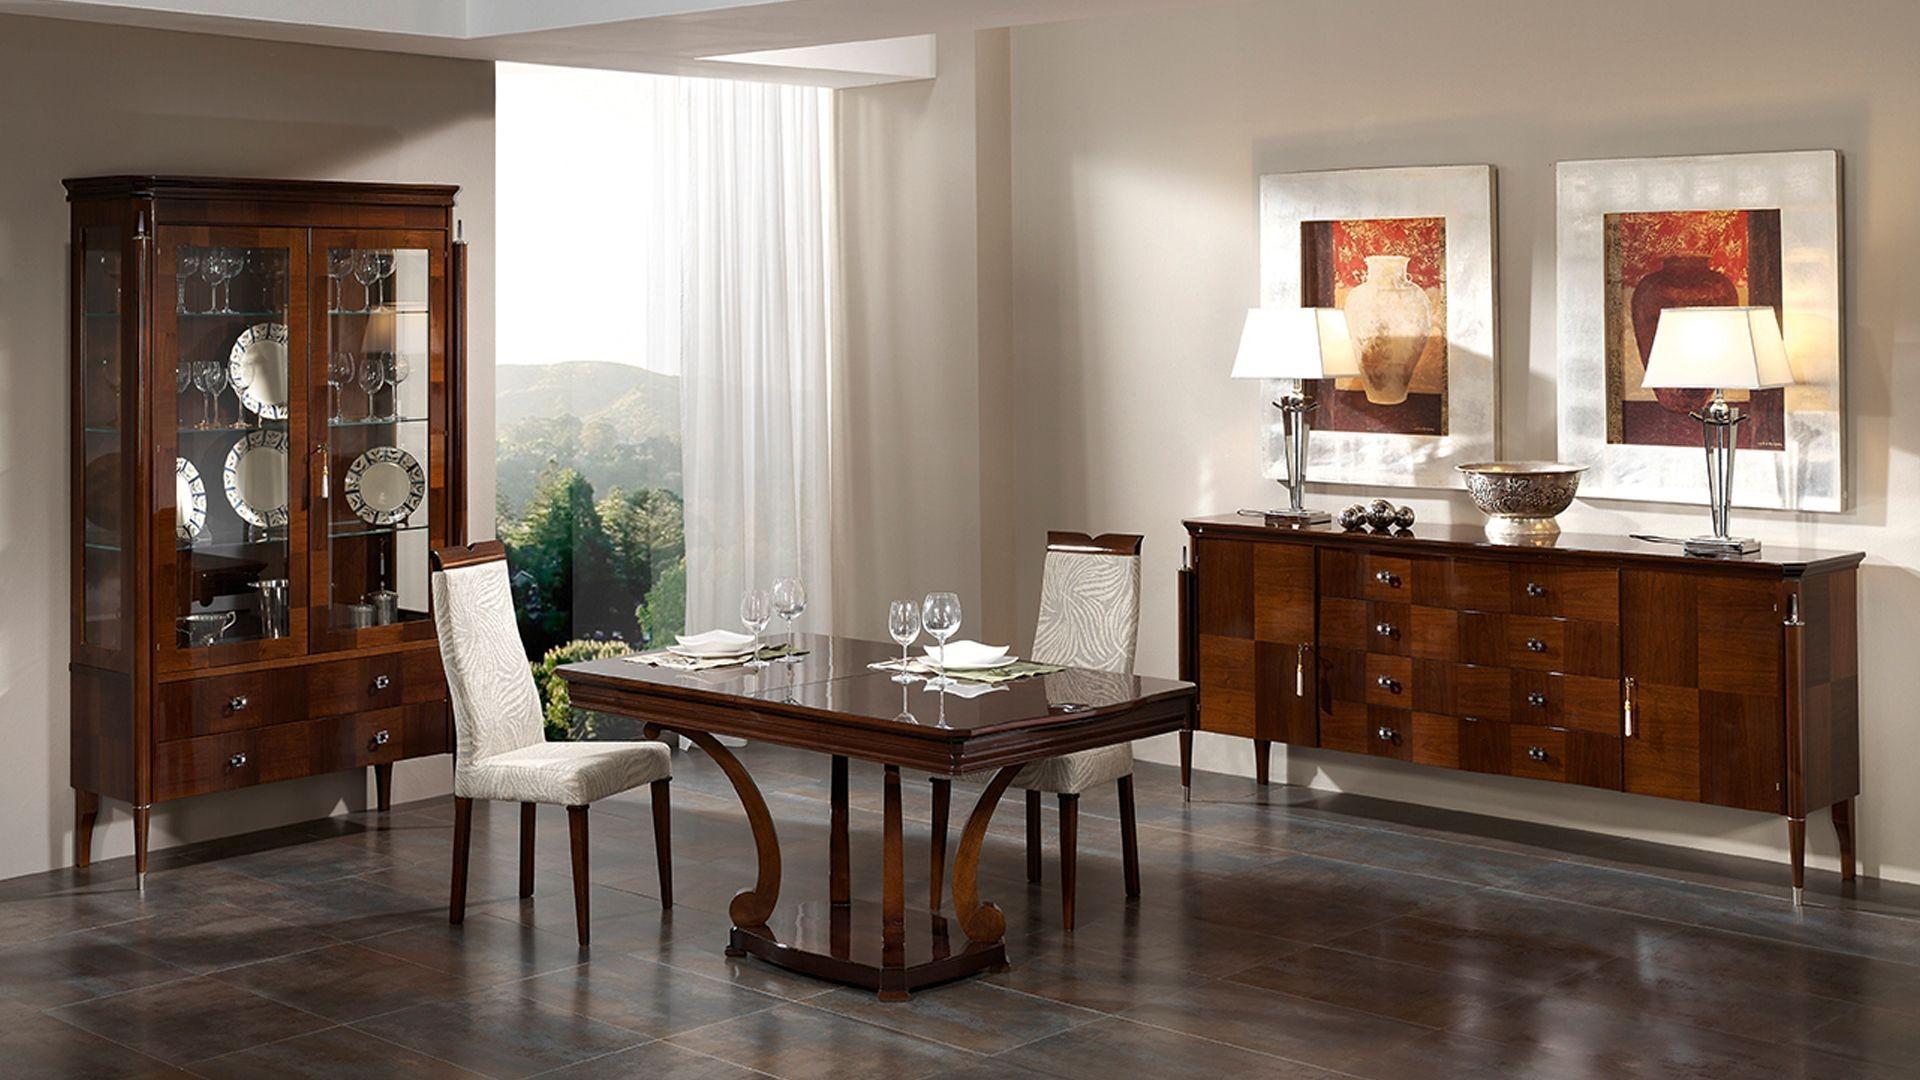 Fábrica de muebles de salón en Murcia